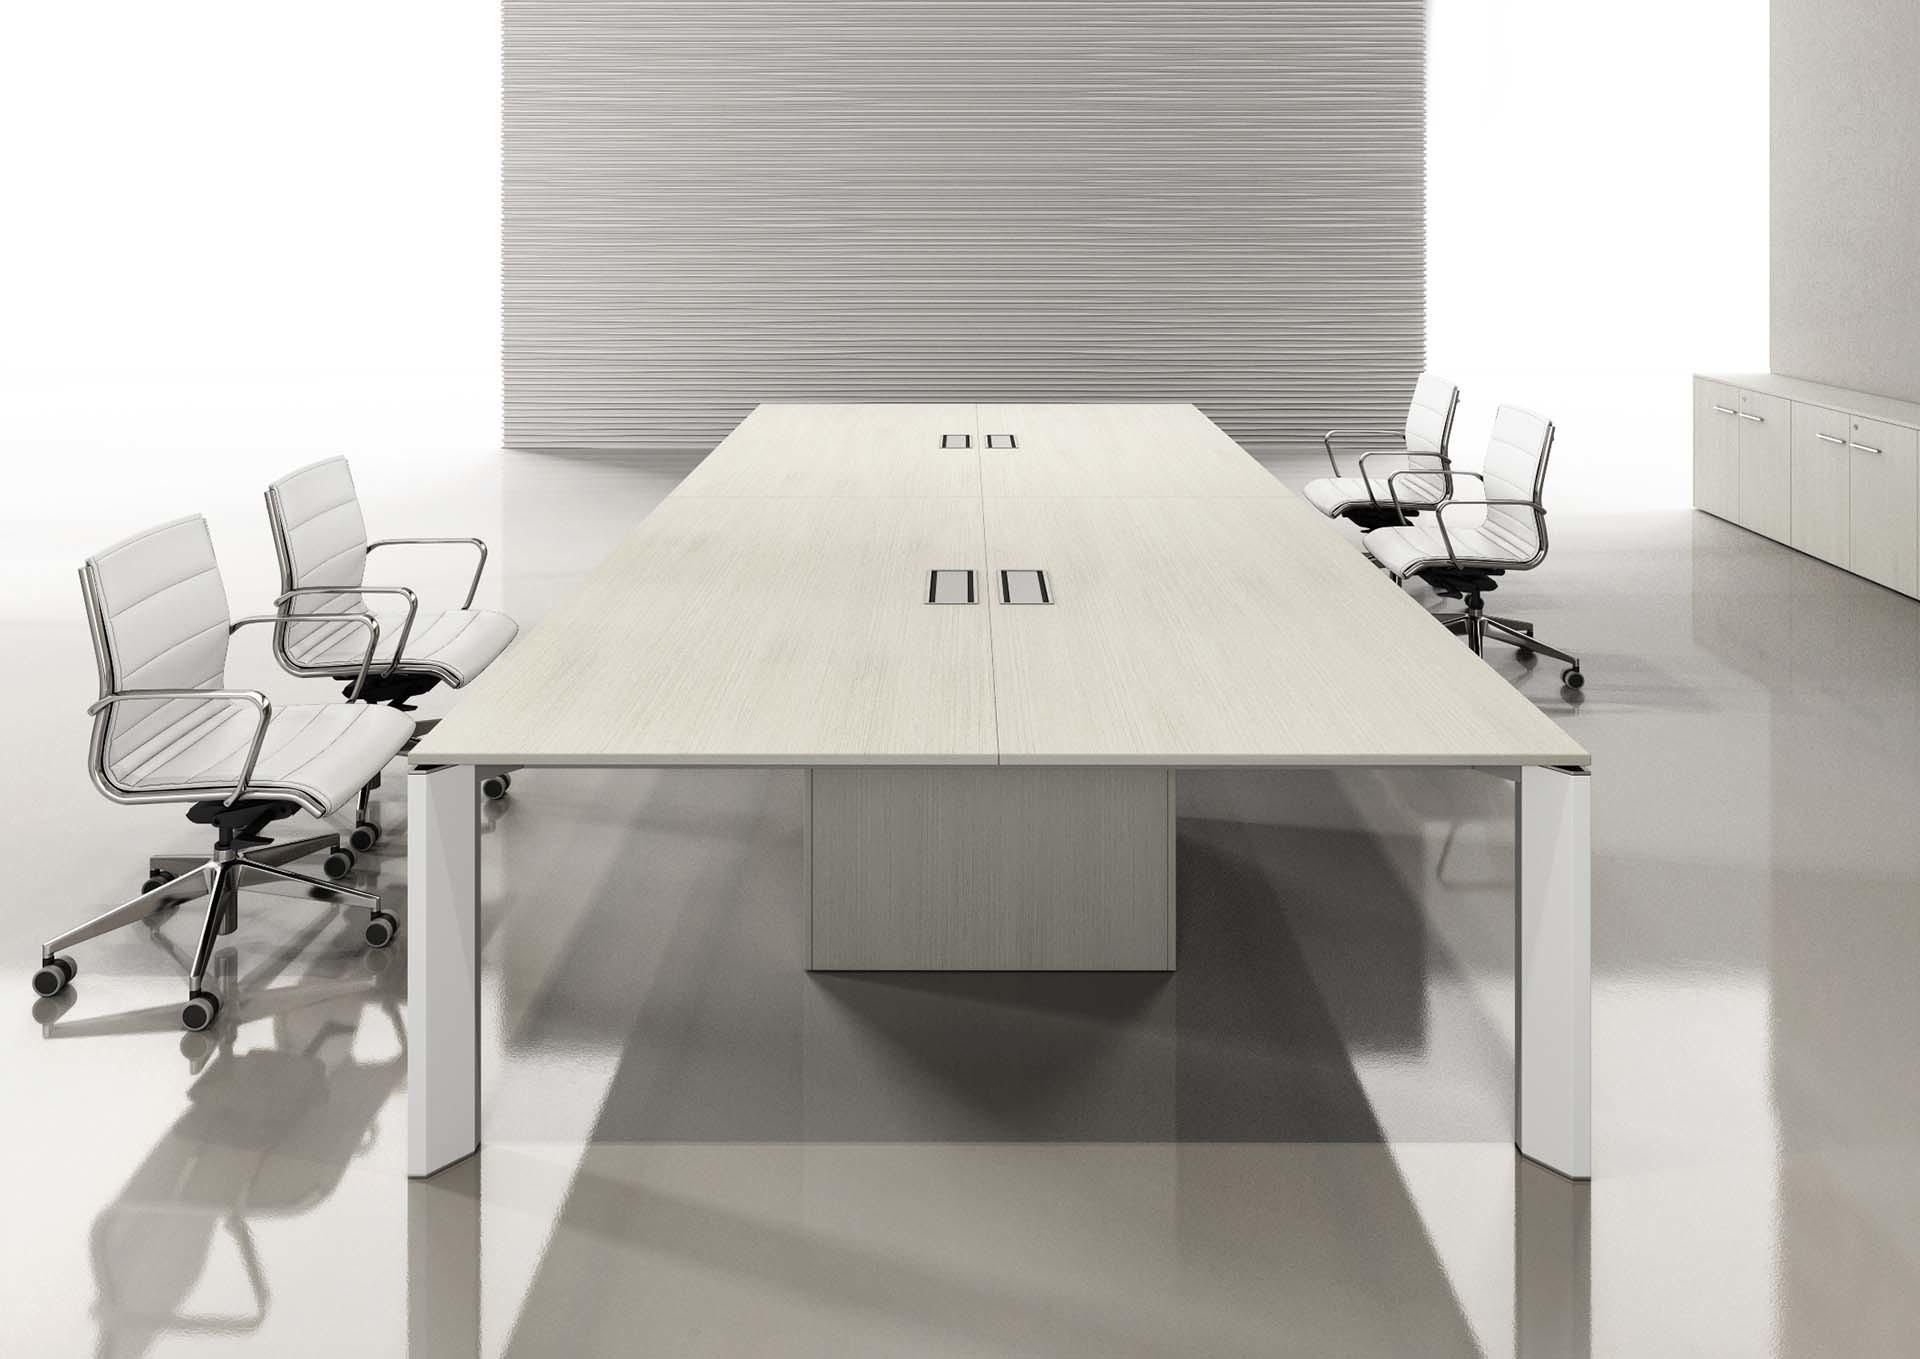 Tavolo per riunioni rettangolare con sportelli